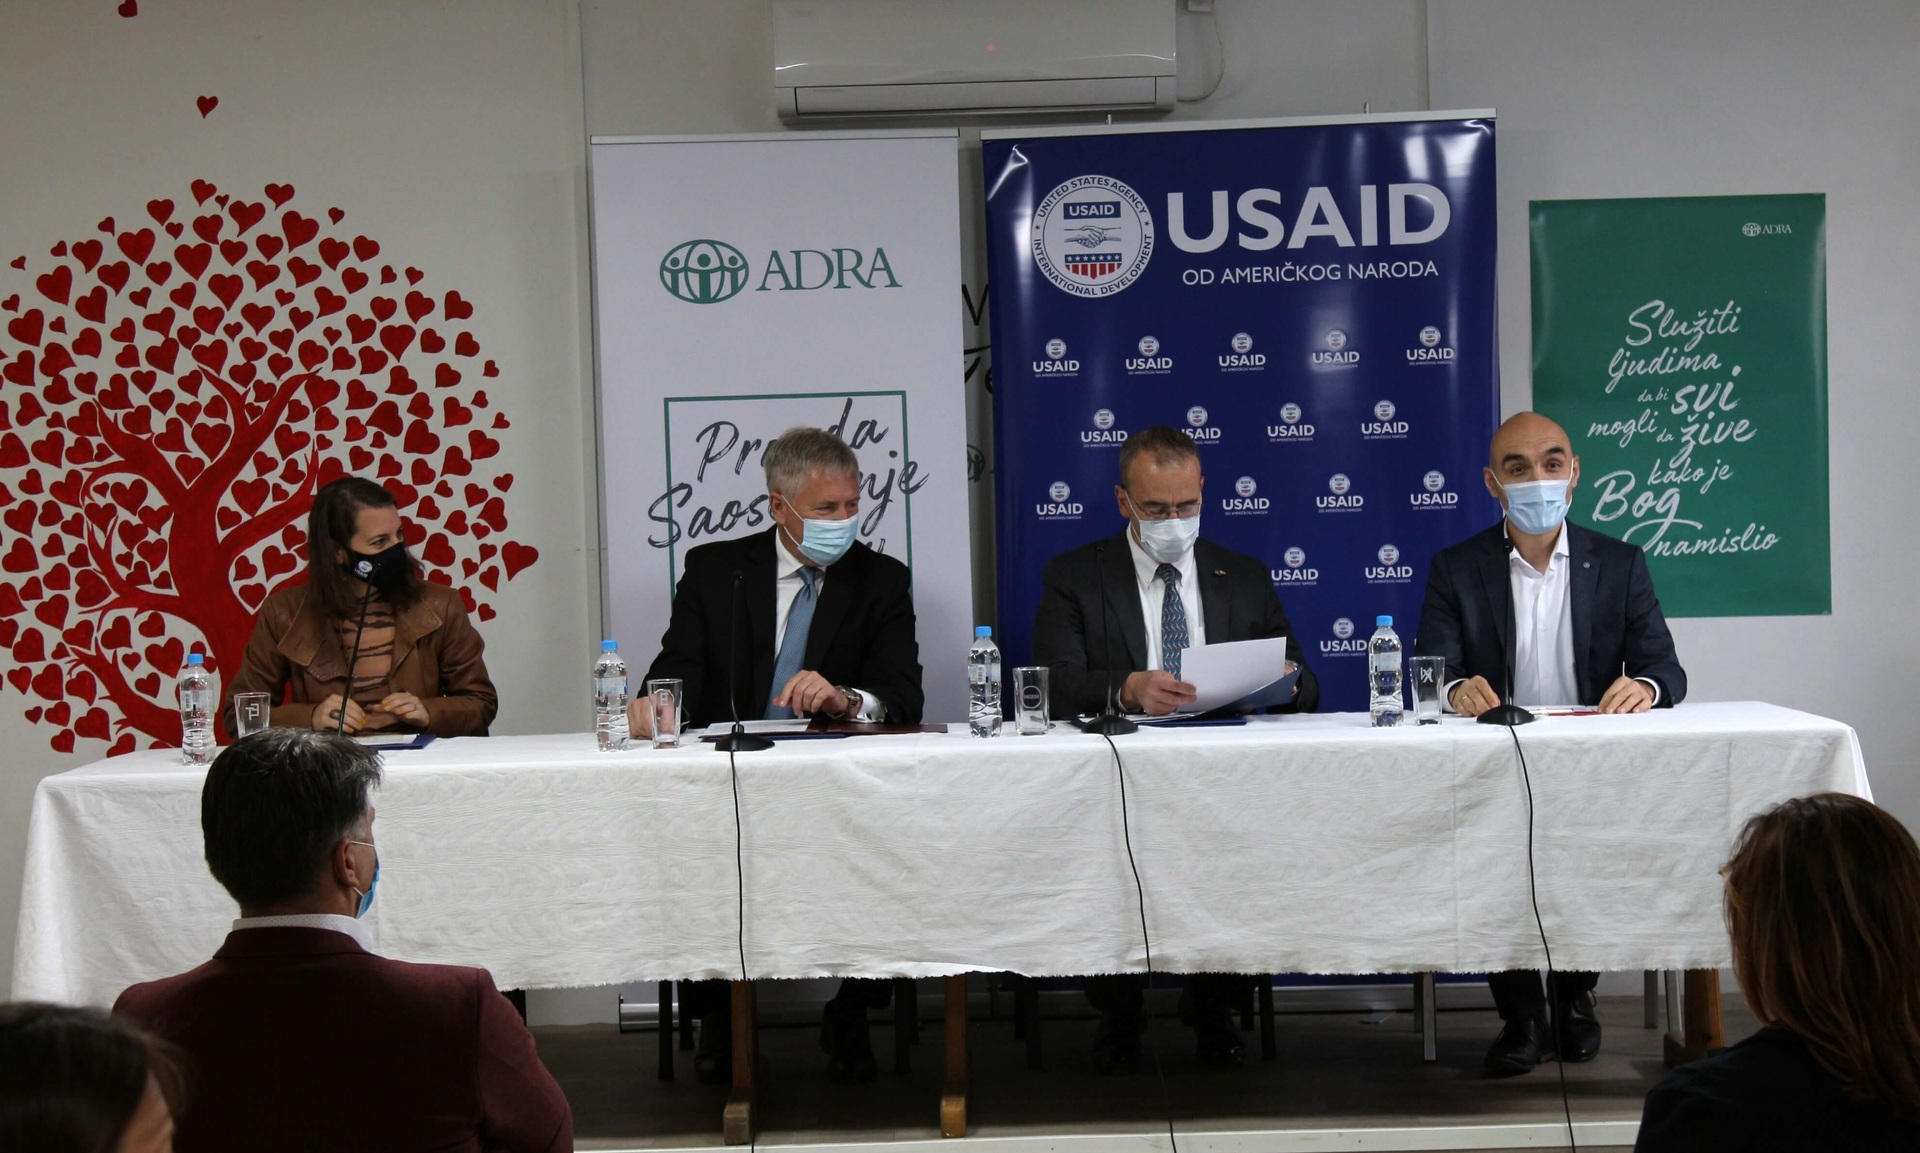 ADRA Serbia haru sai tööks kodututega USAlt tuge